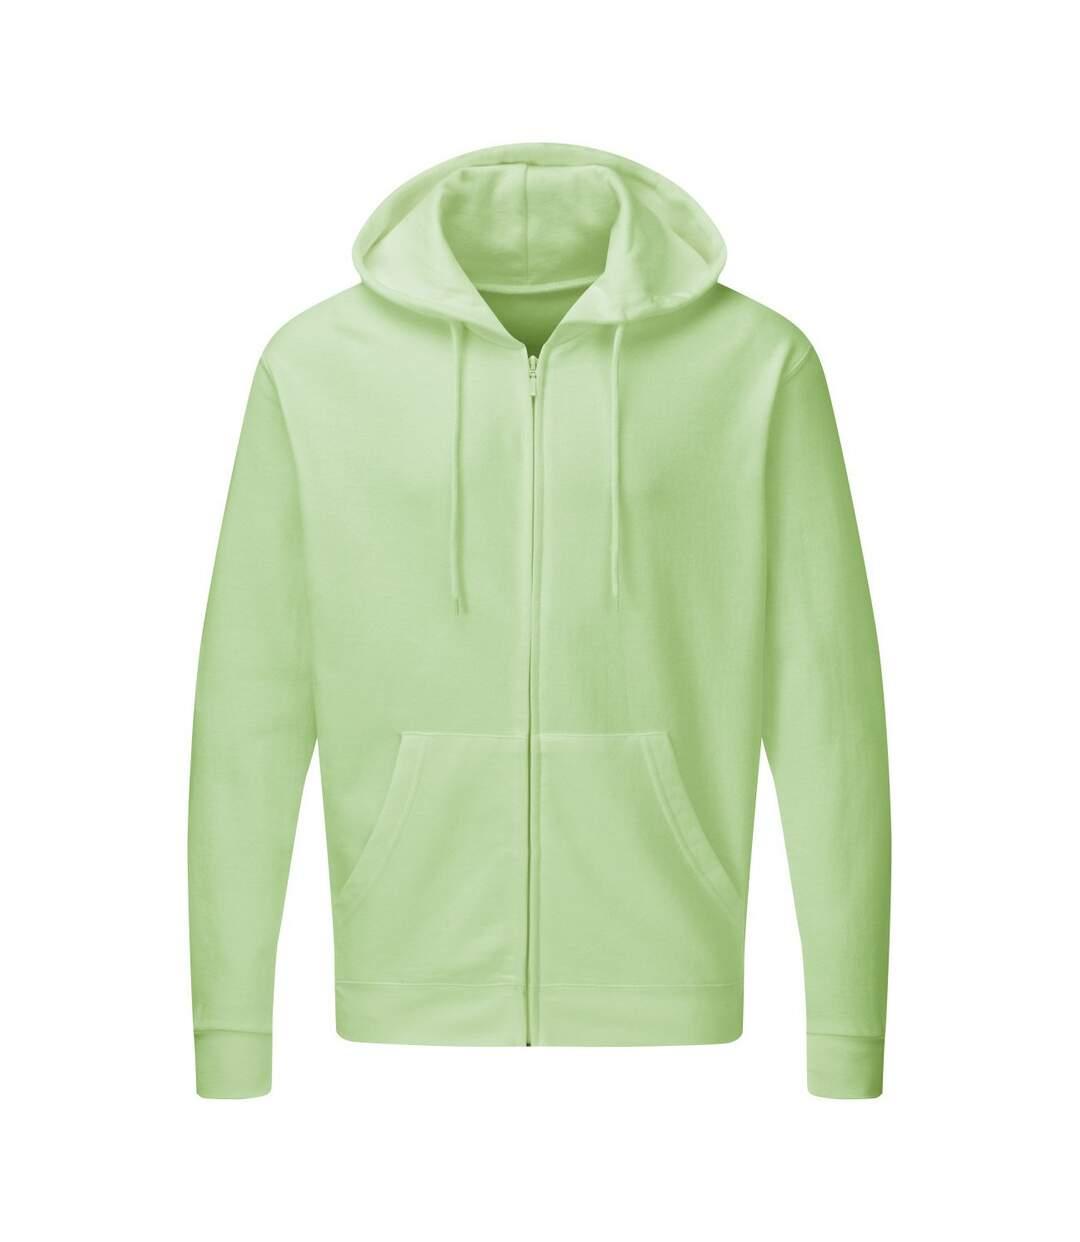 SG - Sweatshirt uni à capuche et fermeture zippée - Homme (Neo Mint) - UTBC1075